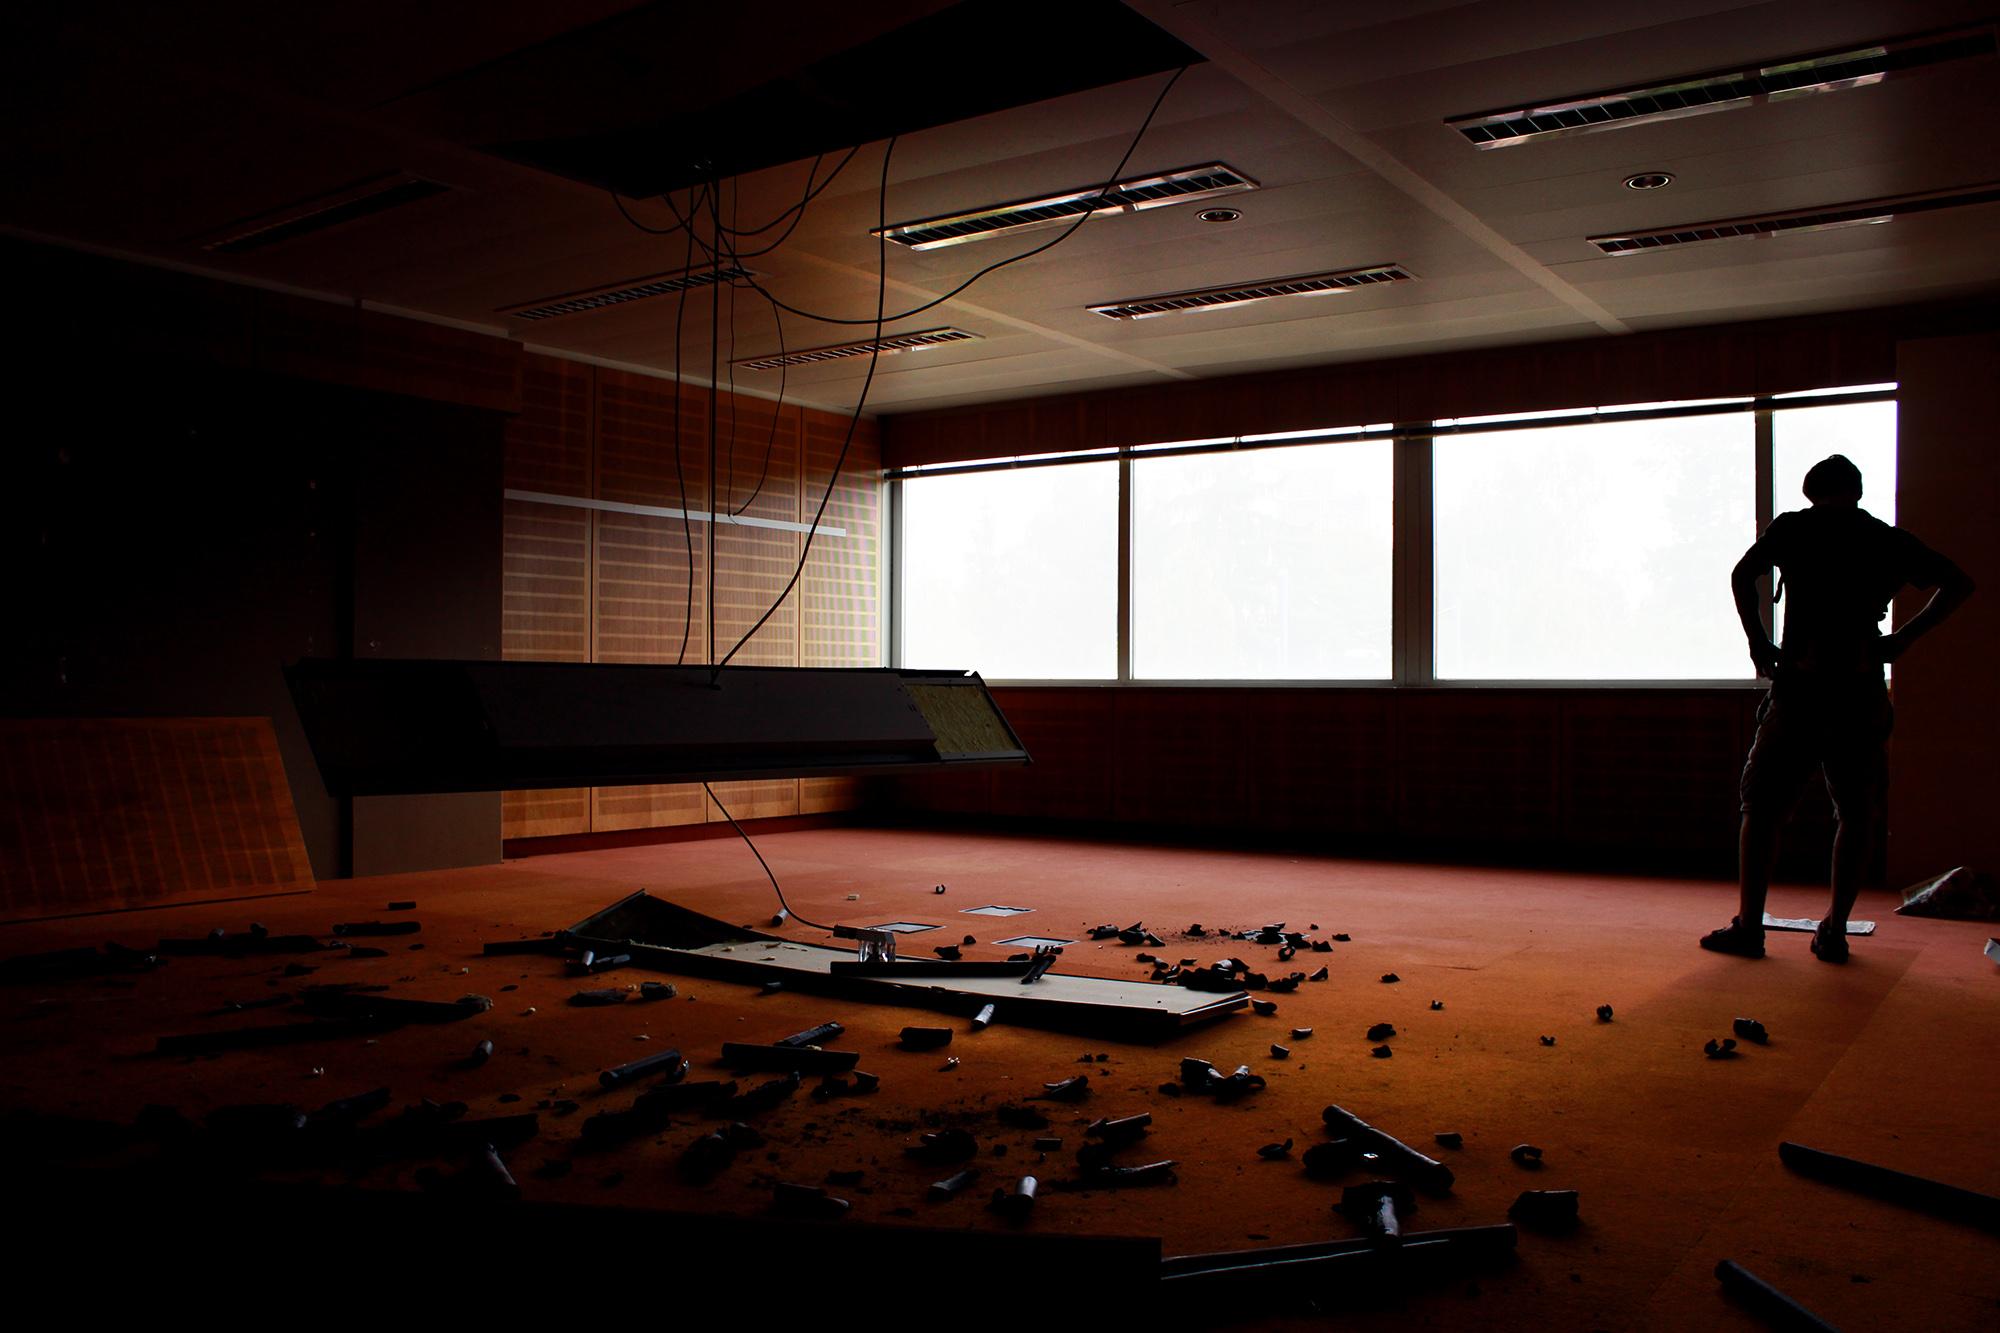 Kleiner Konferenzraum , Vitopia Offenbach , Baustelle Offenbach , KWU-Areal , Leerstand , Ghost Tower , Siemens , Framatom , Lost Places , Urban Exploring , Energie , Kernkraftsparte